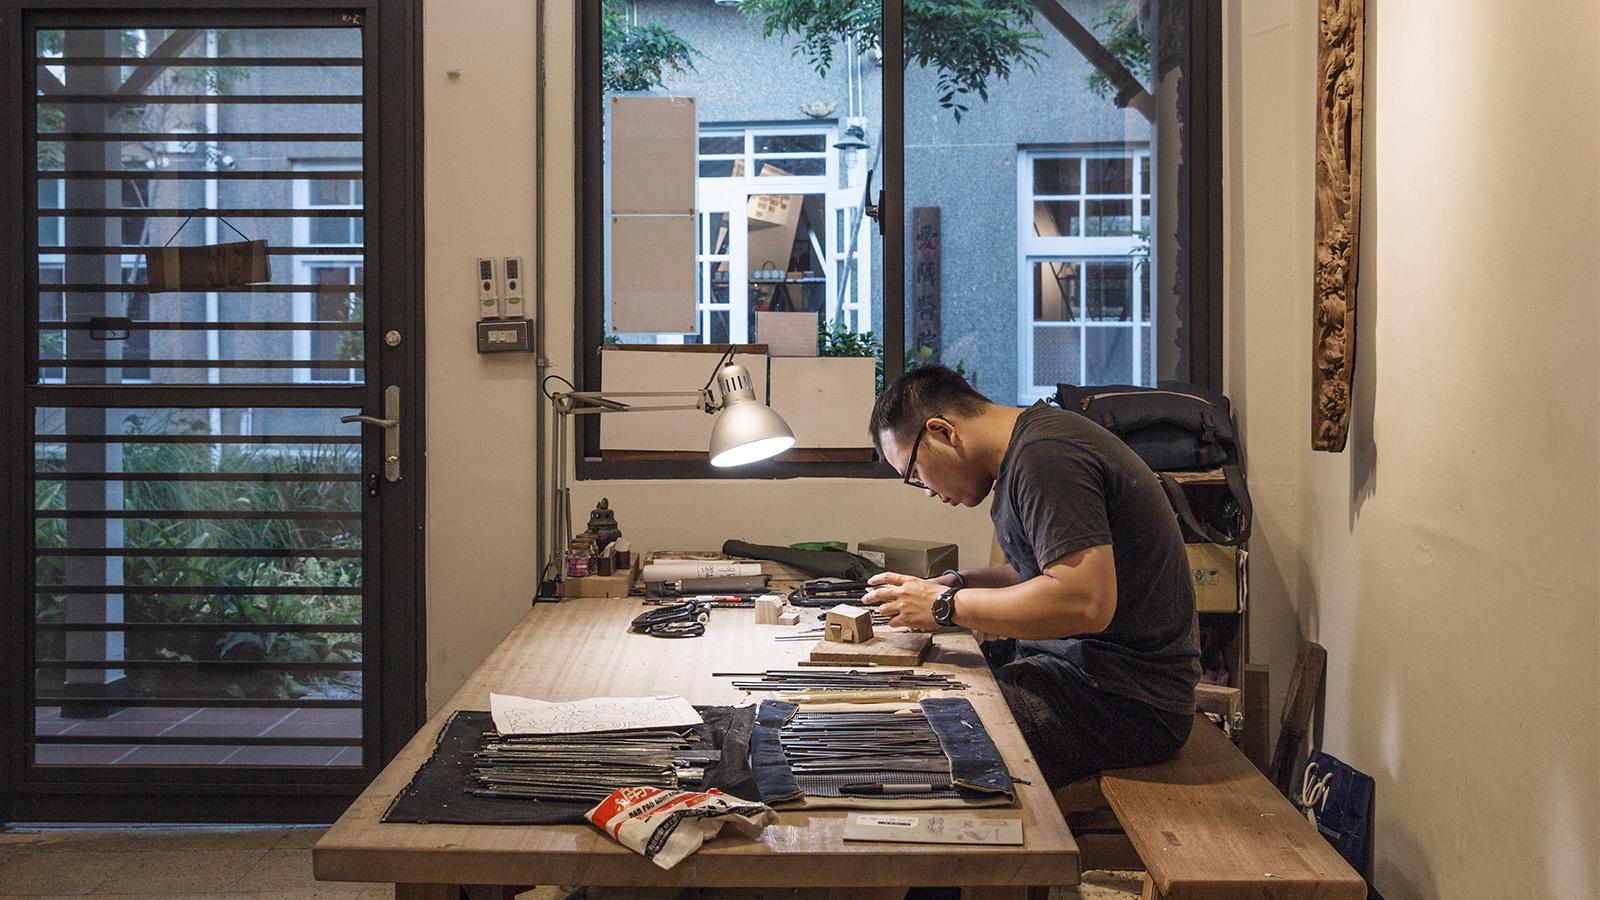 走入以木工作室,撲鼻而來的木頭香氣掩蓋了全身,暖色調的氛圍溫暖又沉靜,木紋的深淺刻畫著傳統工藝的美。  陳列在桌上的一個個鐵件工具,不同的角度、型態刻在木紋上,桌面上是隨著時間沉積的木屑,循著木頭的紋理,親眼看見工藝之美流淌在這之中,來訪,親自體驗,與傳統工藝的連結,從此刻開始。 | 合習聚落 | 三峽工藝&產業的共好實踐基地